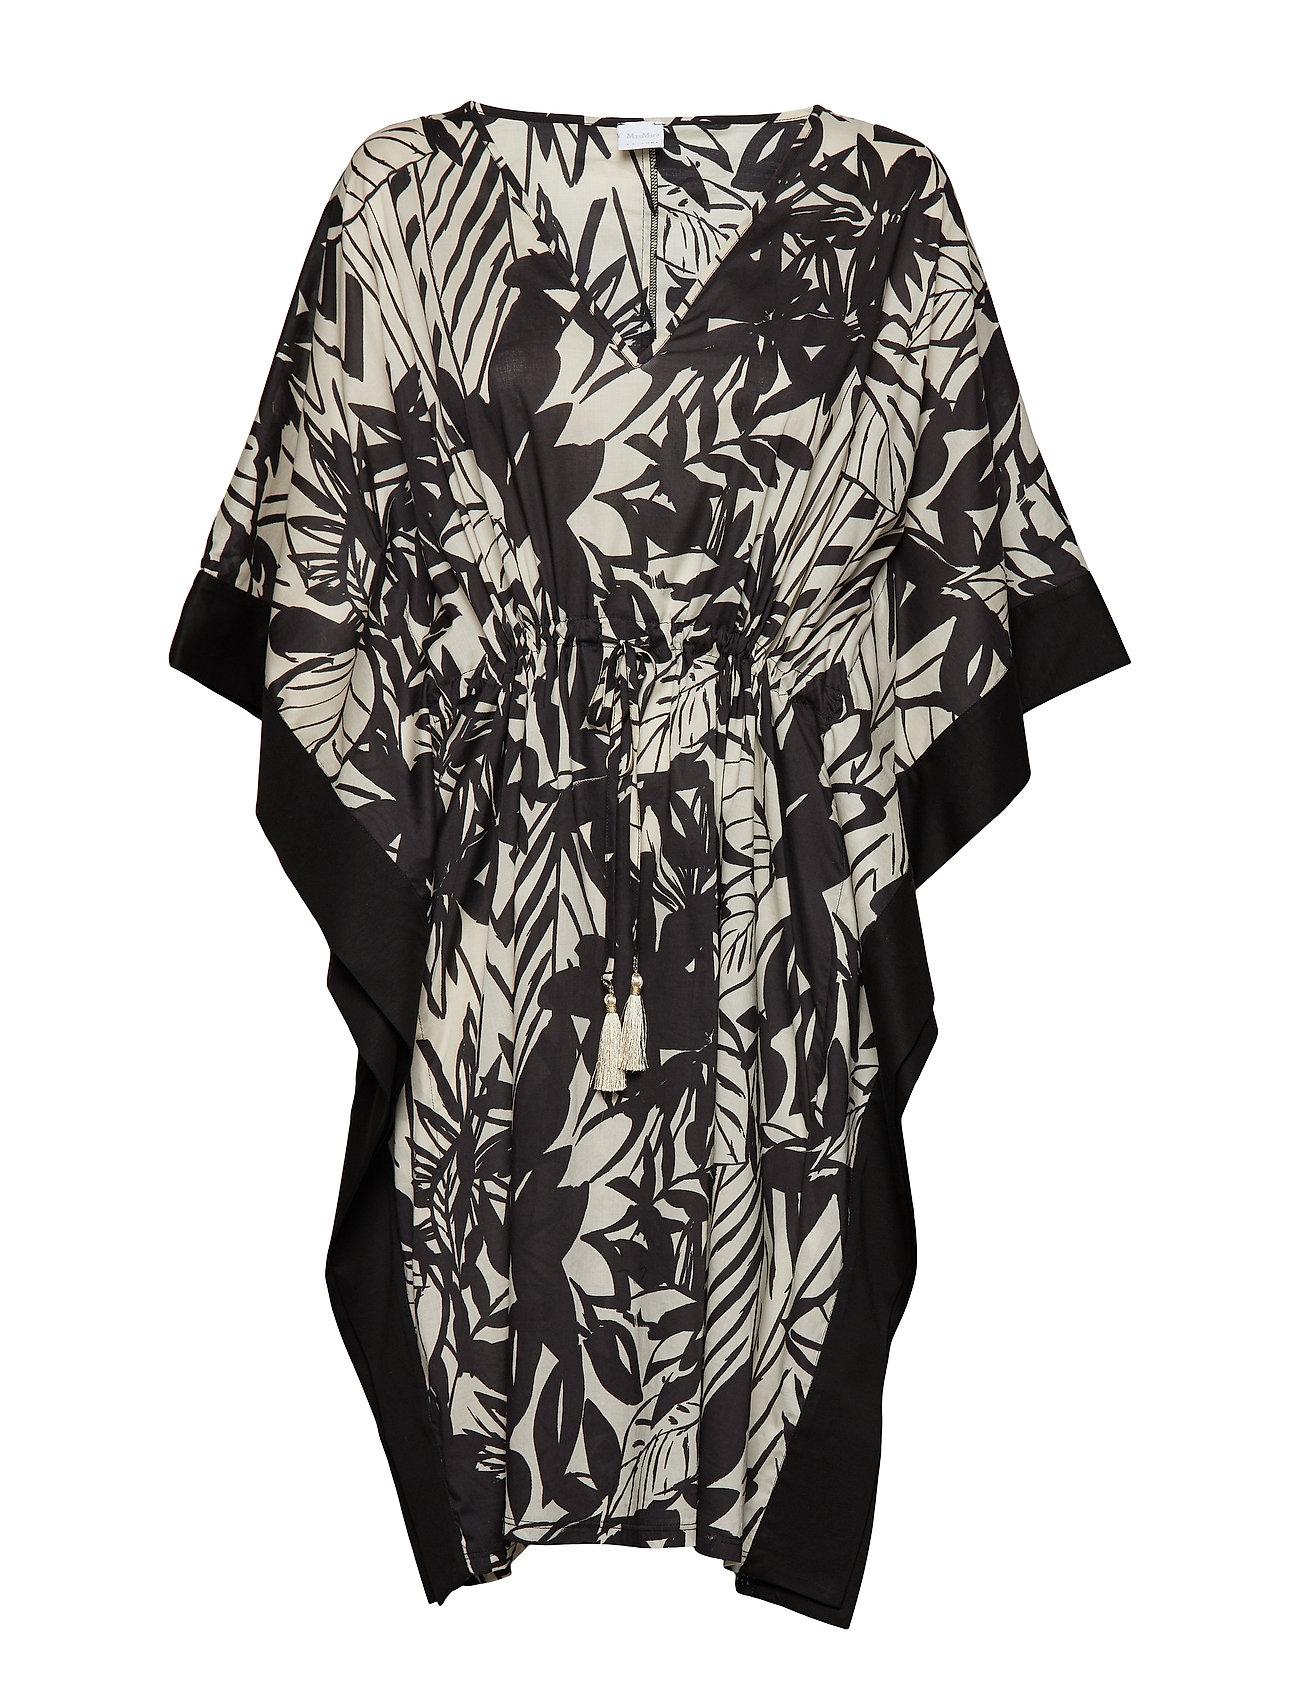 Max Mara Leisure GIOIOSA - BLACK DRESS